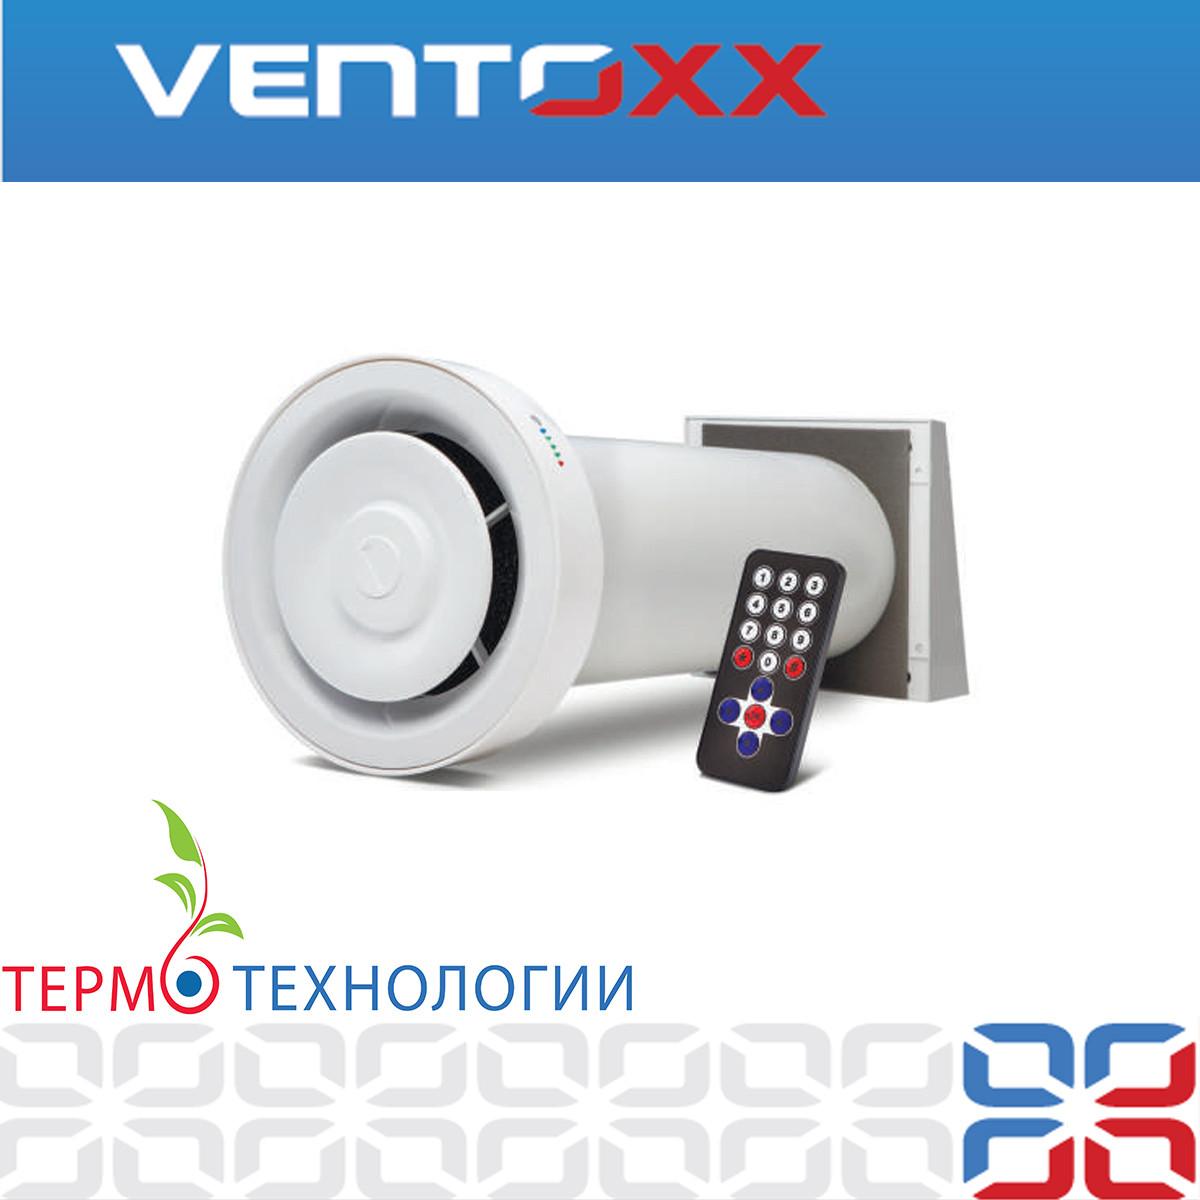 Рекуператор Ventoxx Champion-2-1 М для помещения 25 м.кв.